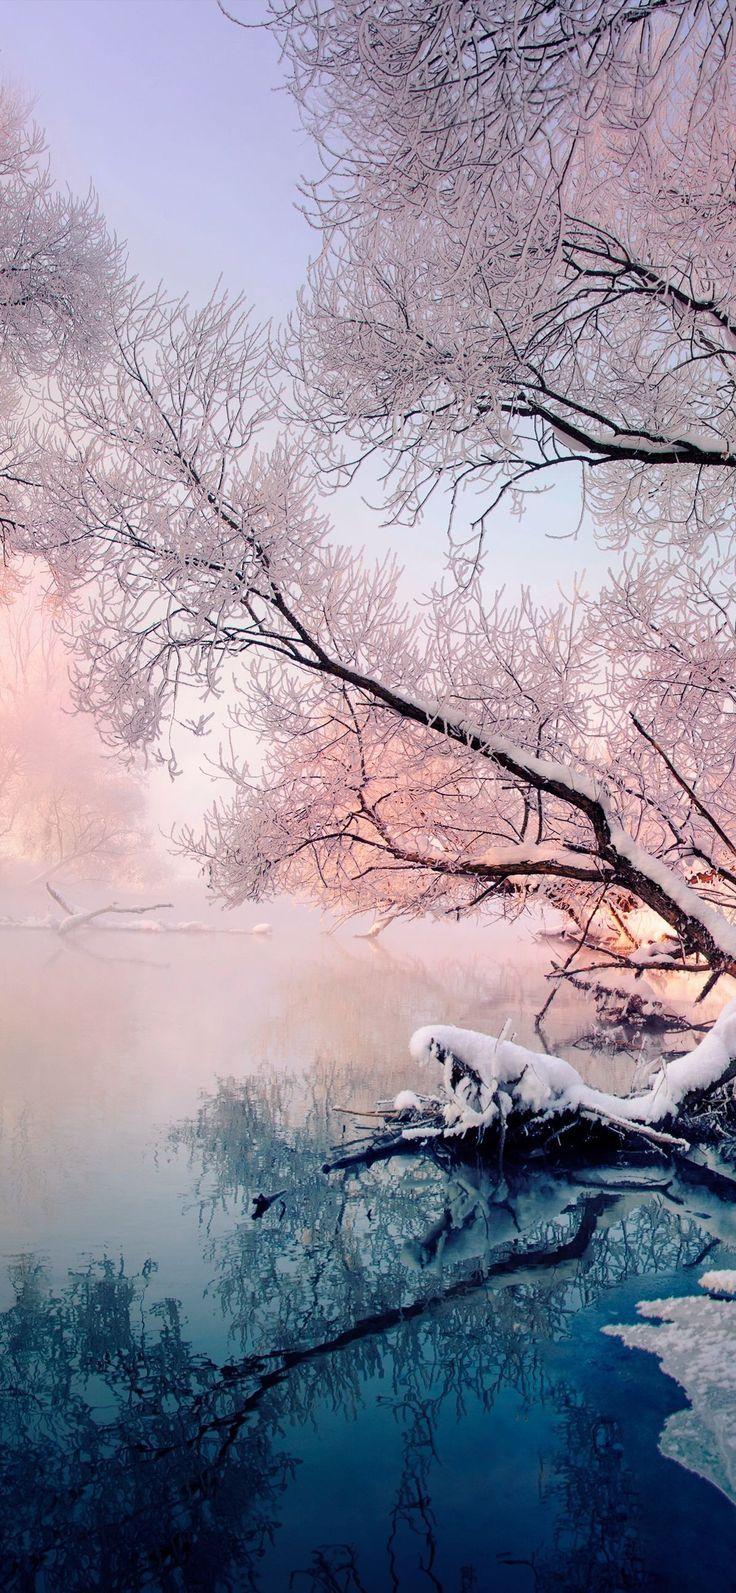 Naturbilder wunderschöne natürliche Bilder Natur Baum